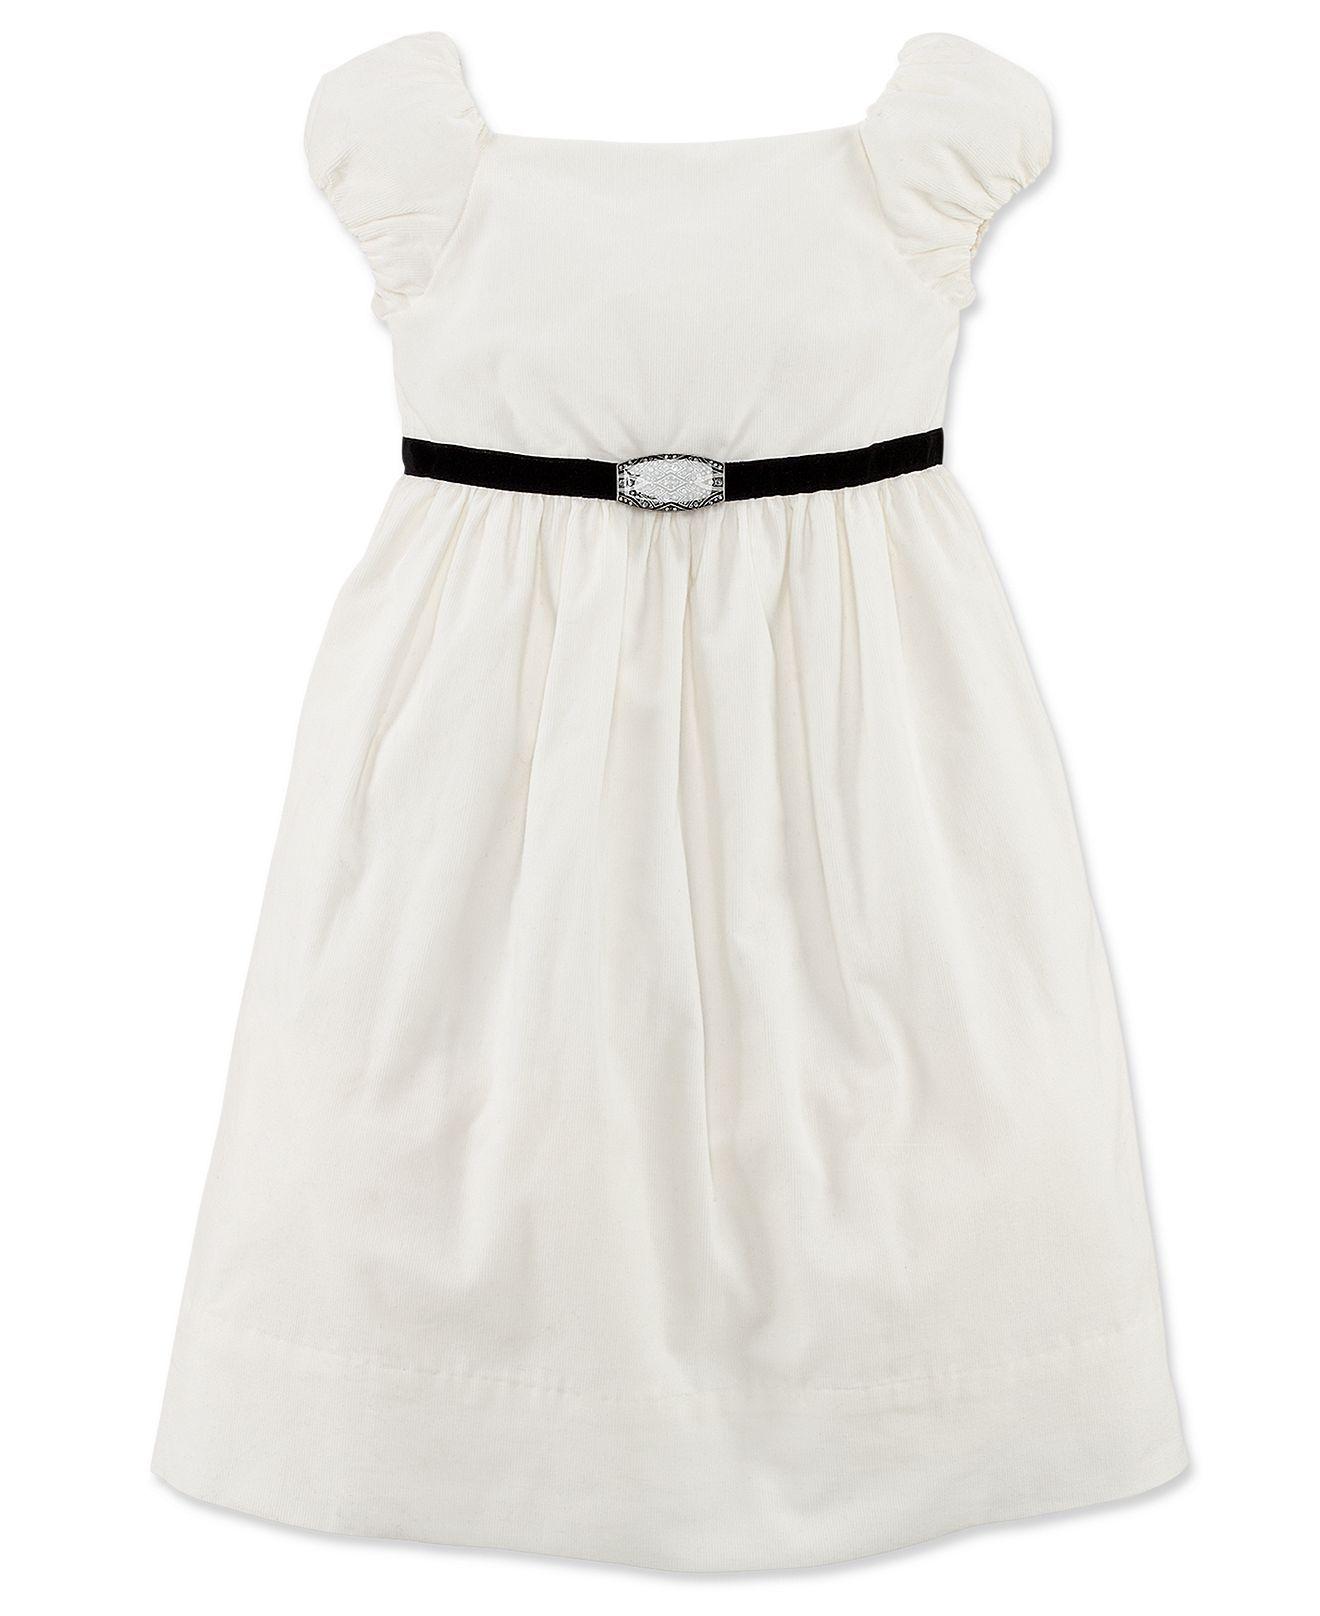 Ralph lauren girls dress little girls shortsleeve cord party dress